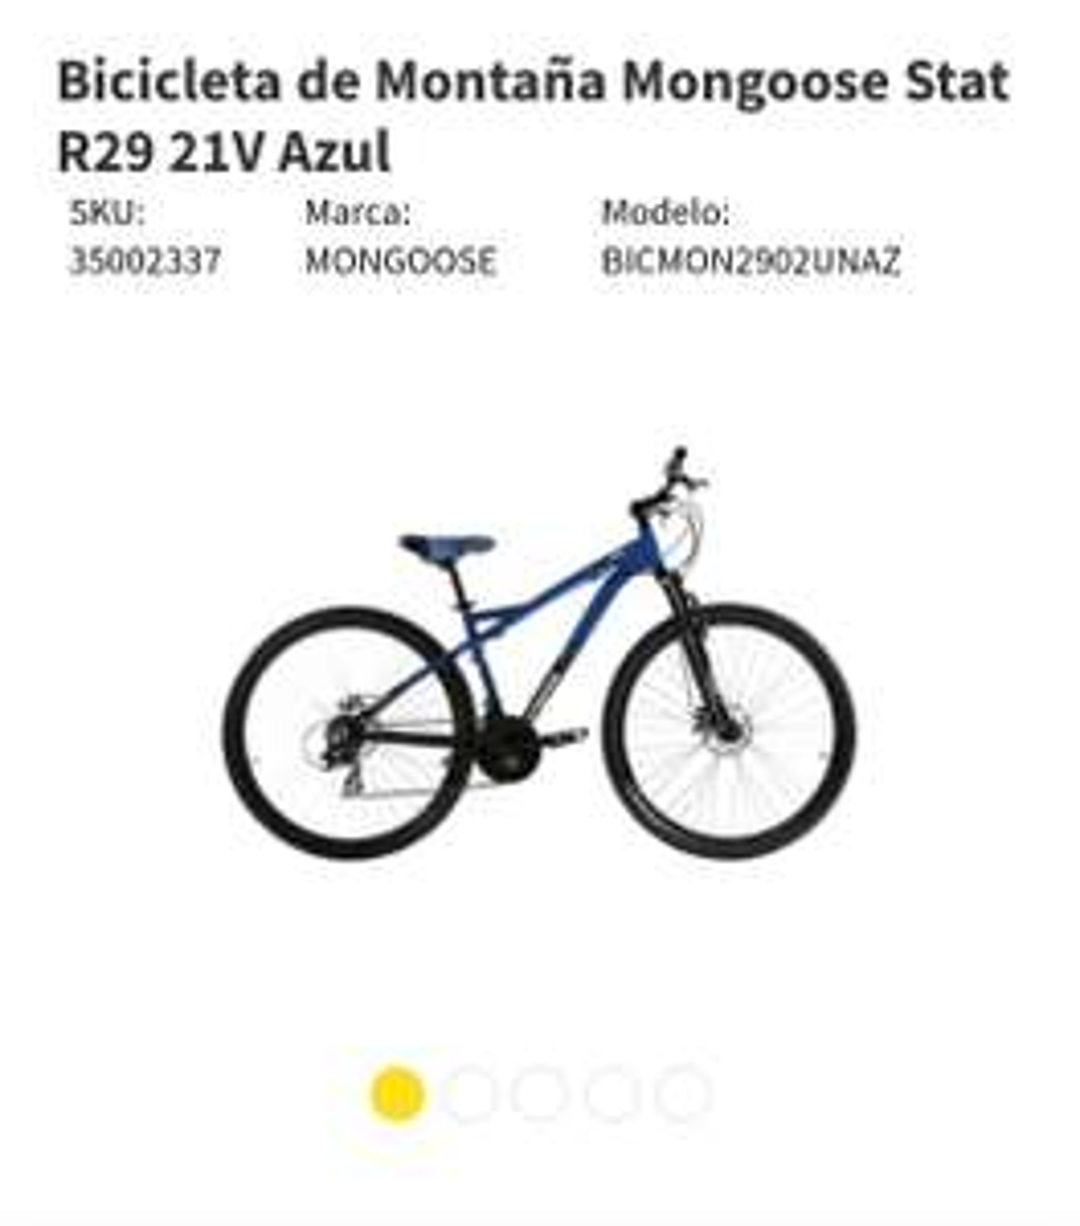 Elektra: Bicicleta de Montaña Mongoose Stat R29 21V Azul aluminio y frenos disco